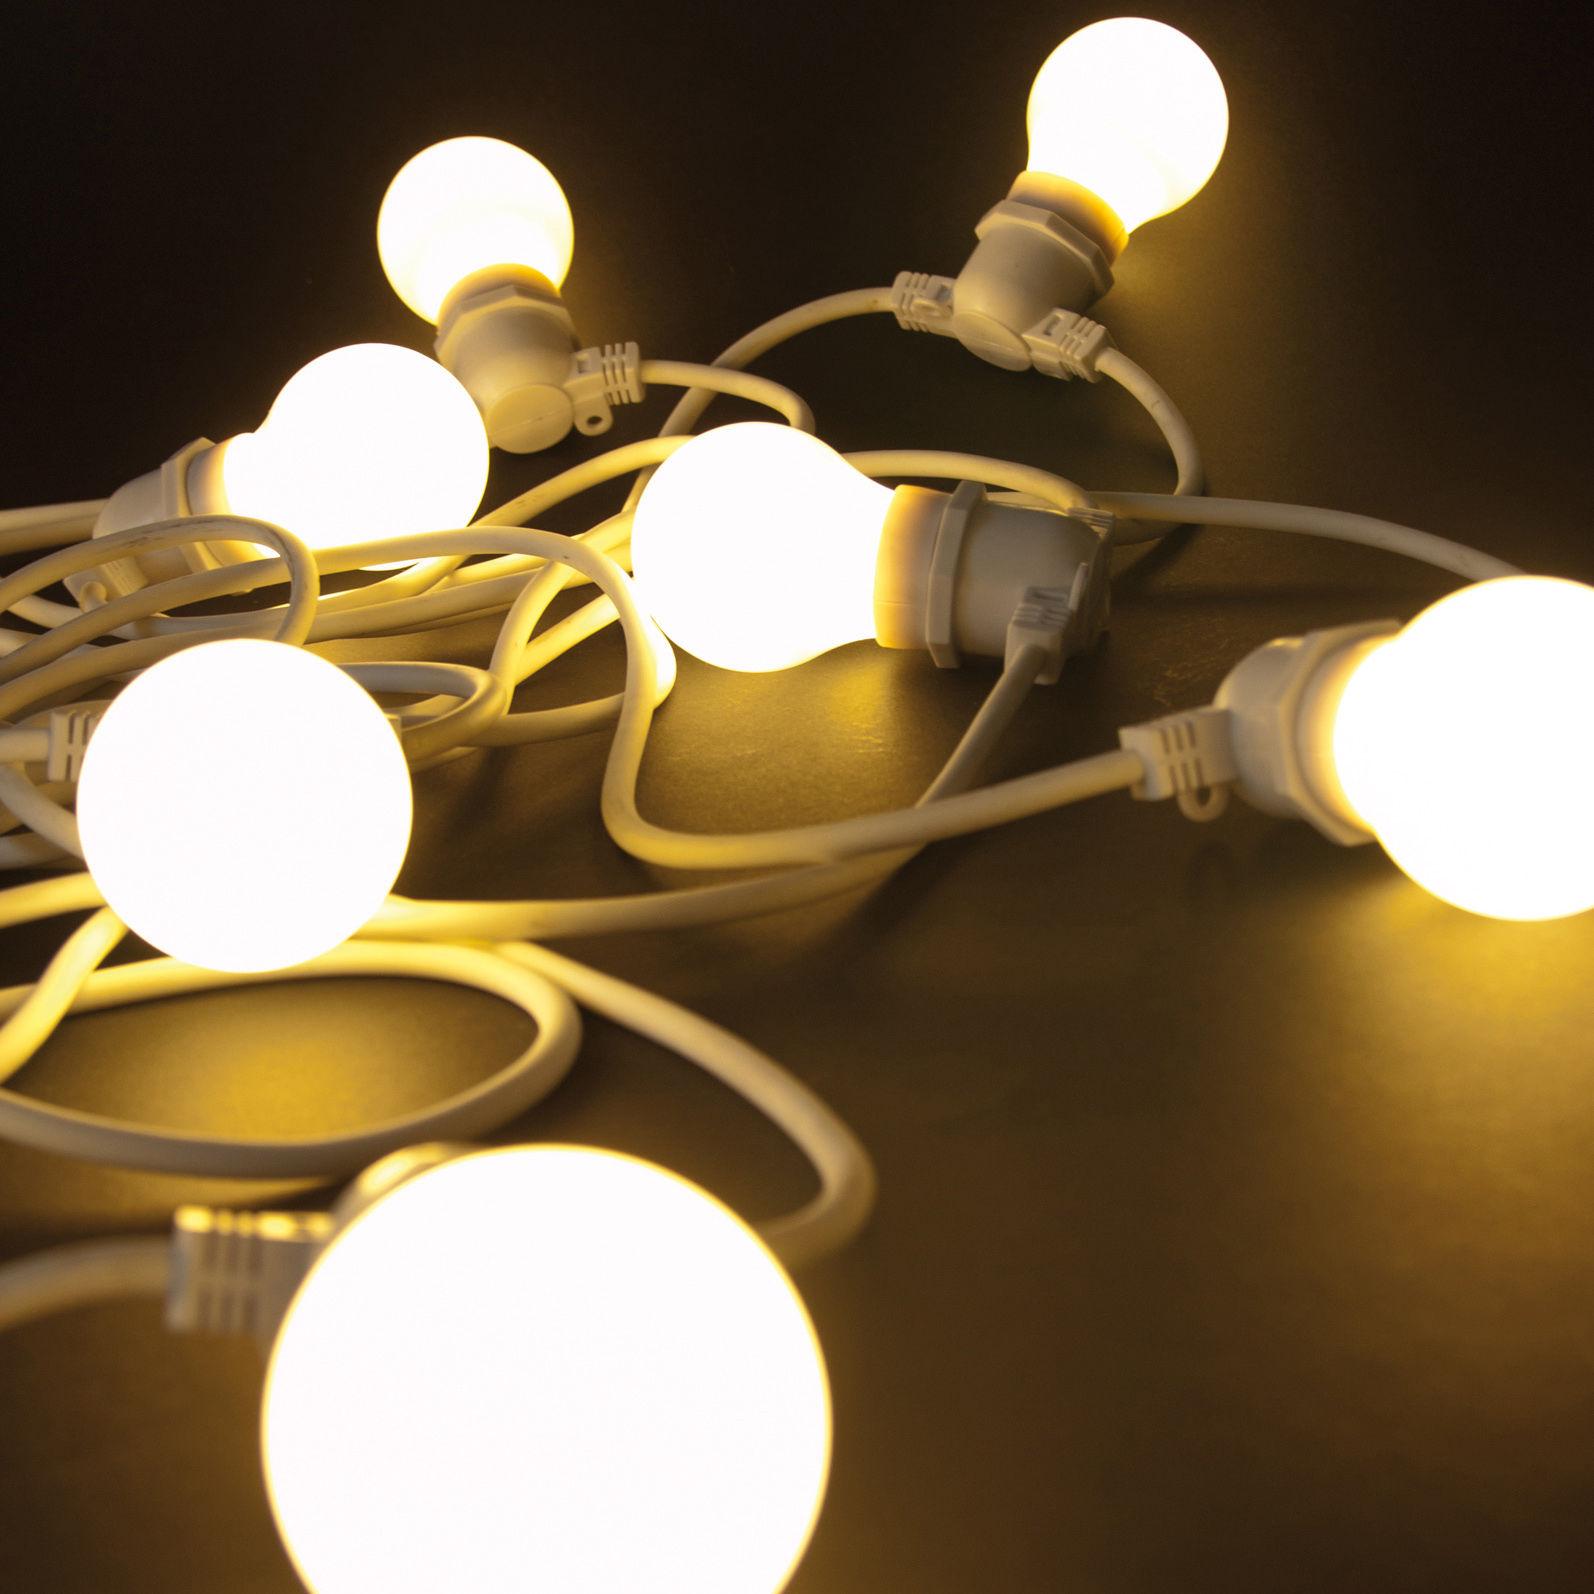 Leuchten - Außenleuchten - Bella Vista WHITE  Lichtgirlande im Freien LED - für den Außeneinsatz - Seletti - Weißes Kabel - Kautschuk